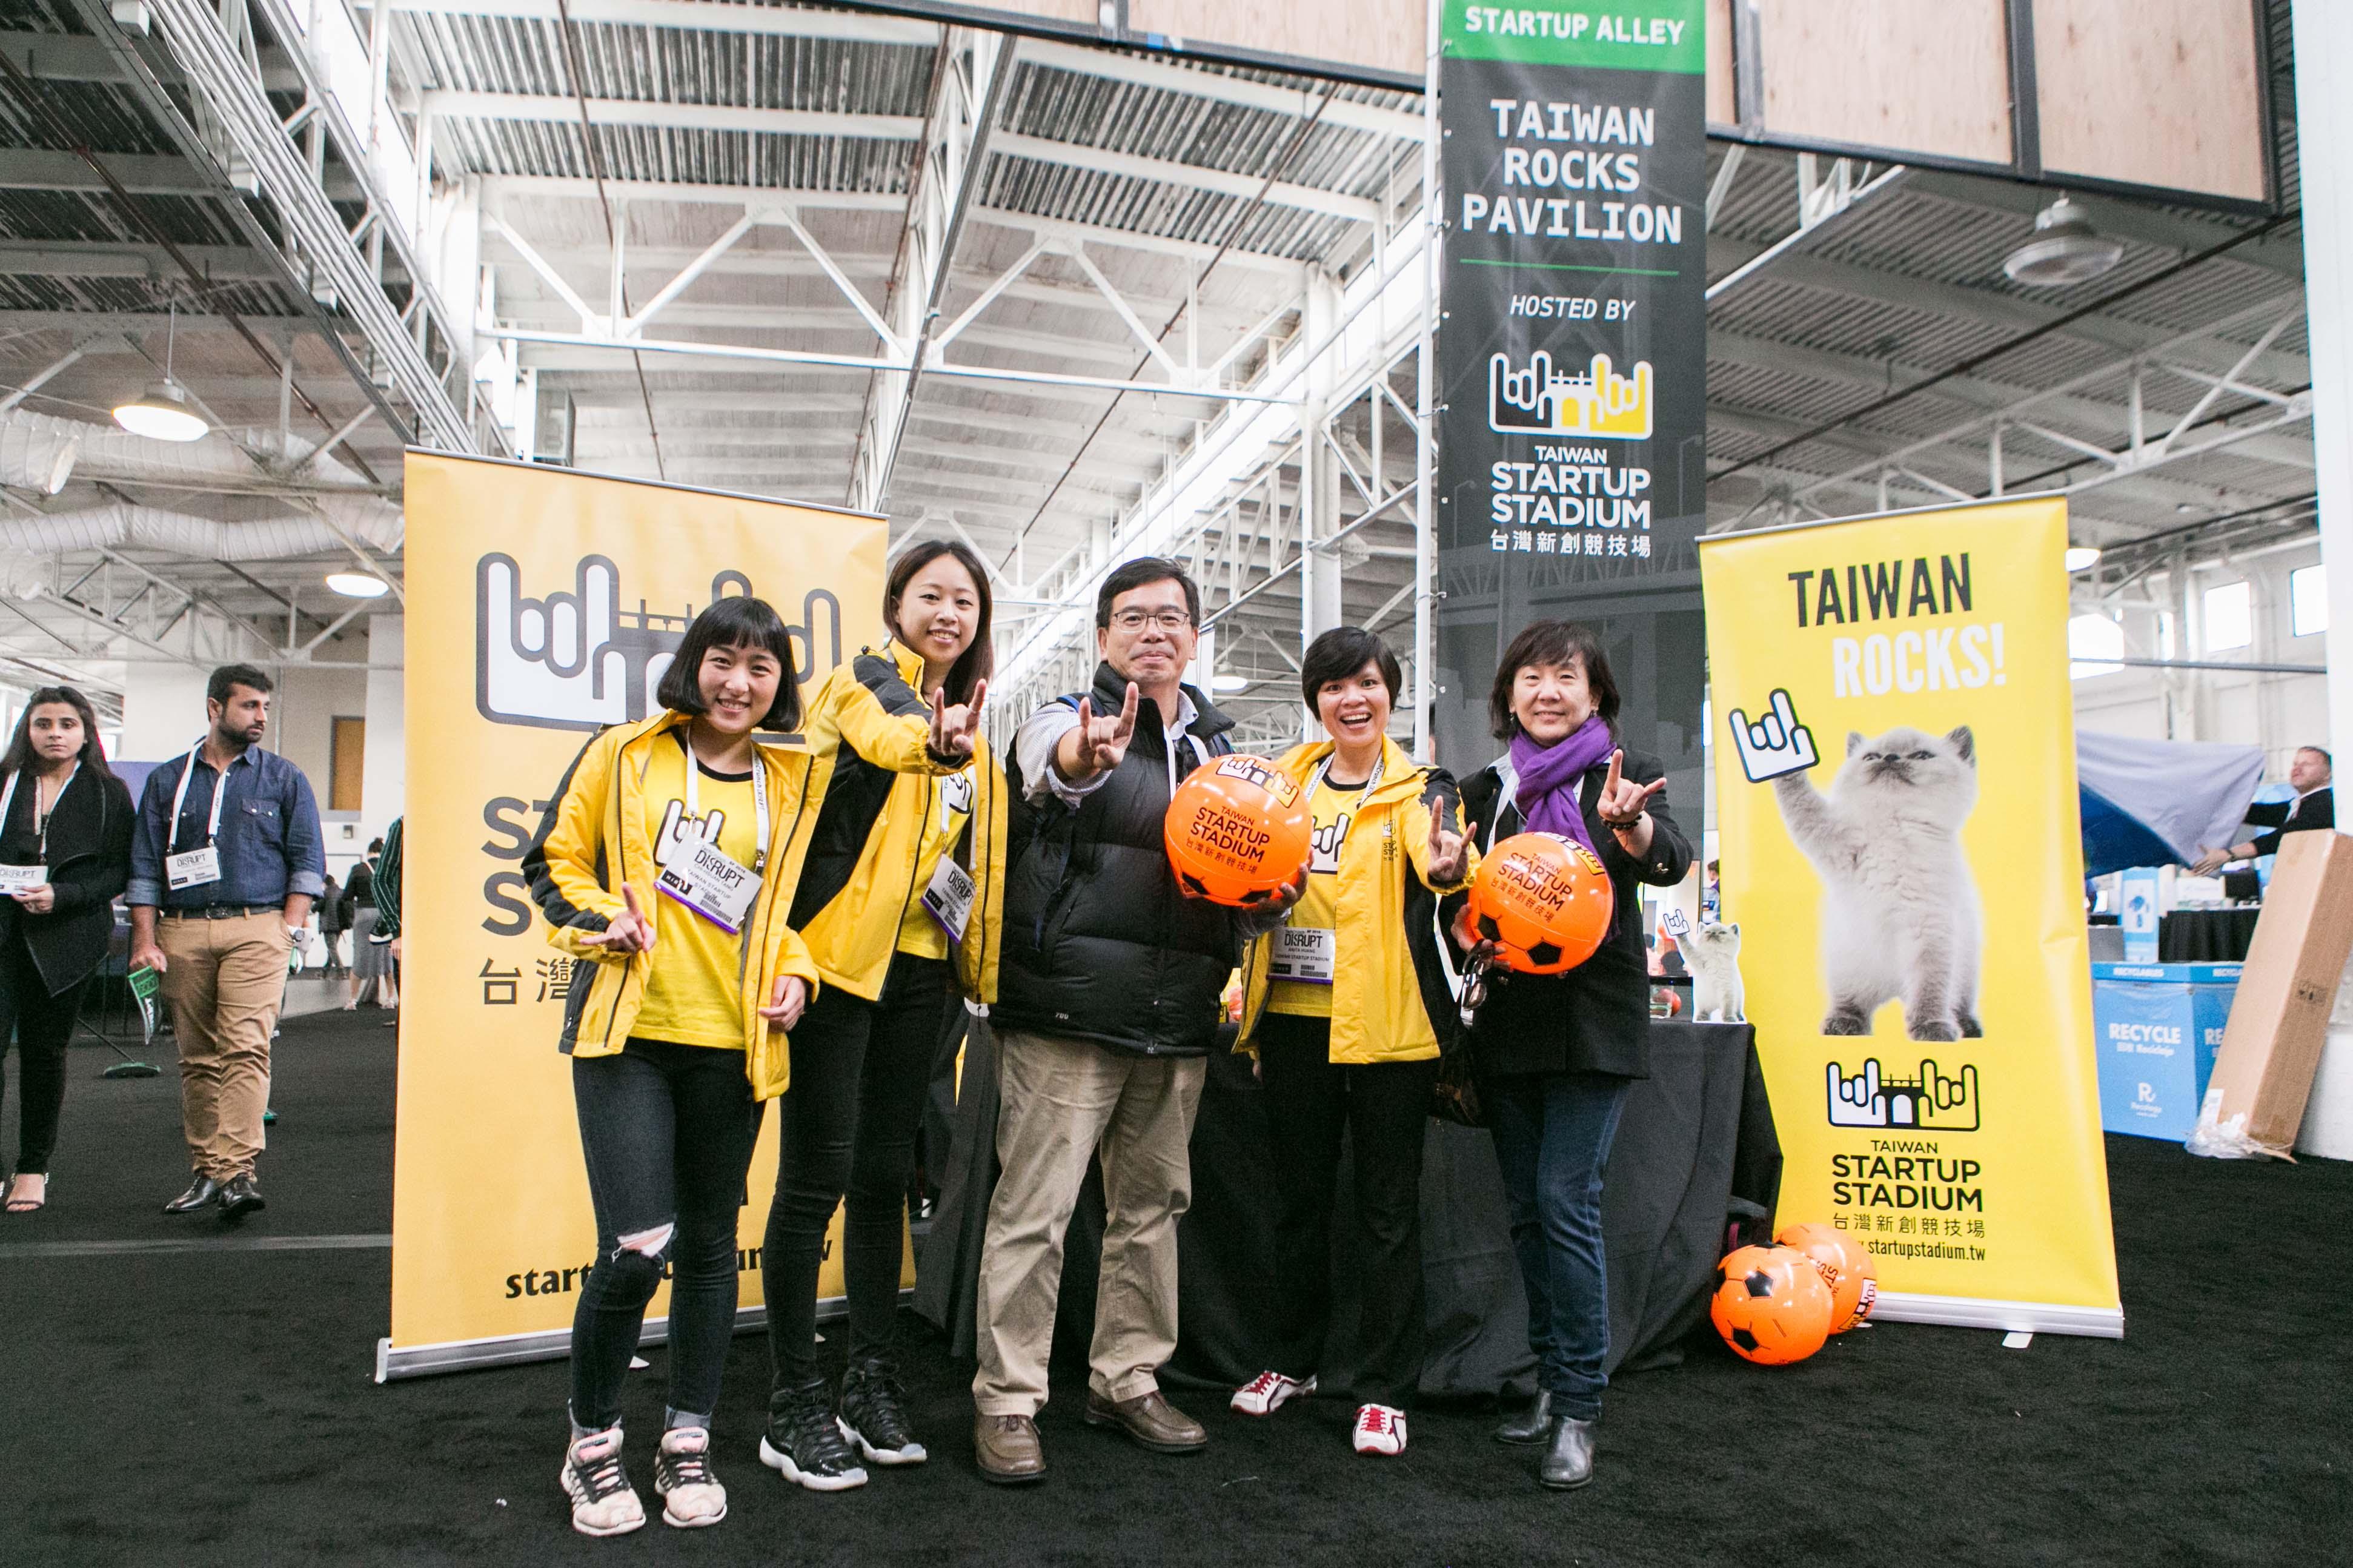 駐舊金山科技組葉至誠組長(中),於八月調任至北美科技組,並於參展期間蒞臨#TaiwanRocks國家品牌展區為團隊打氣